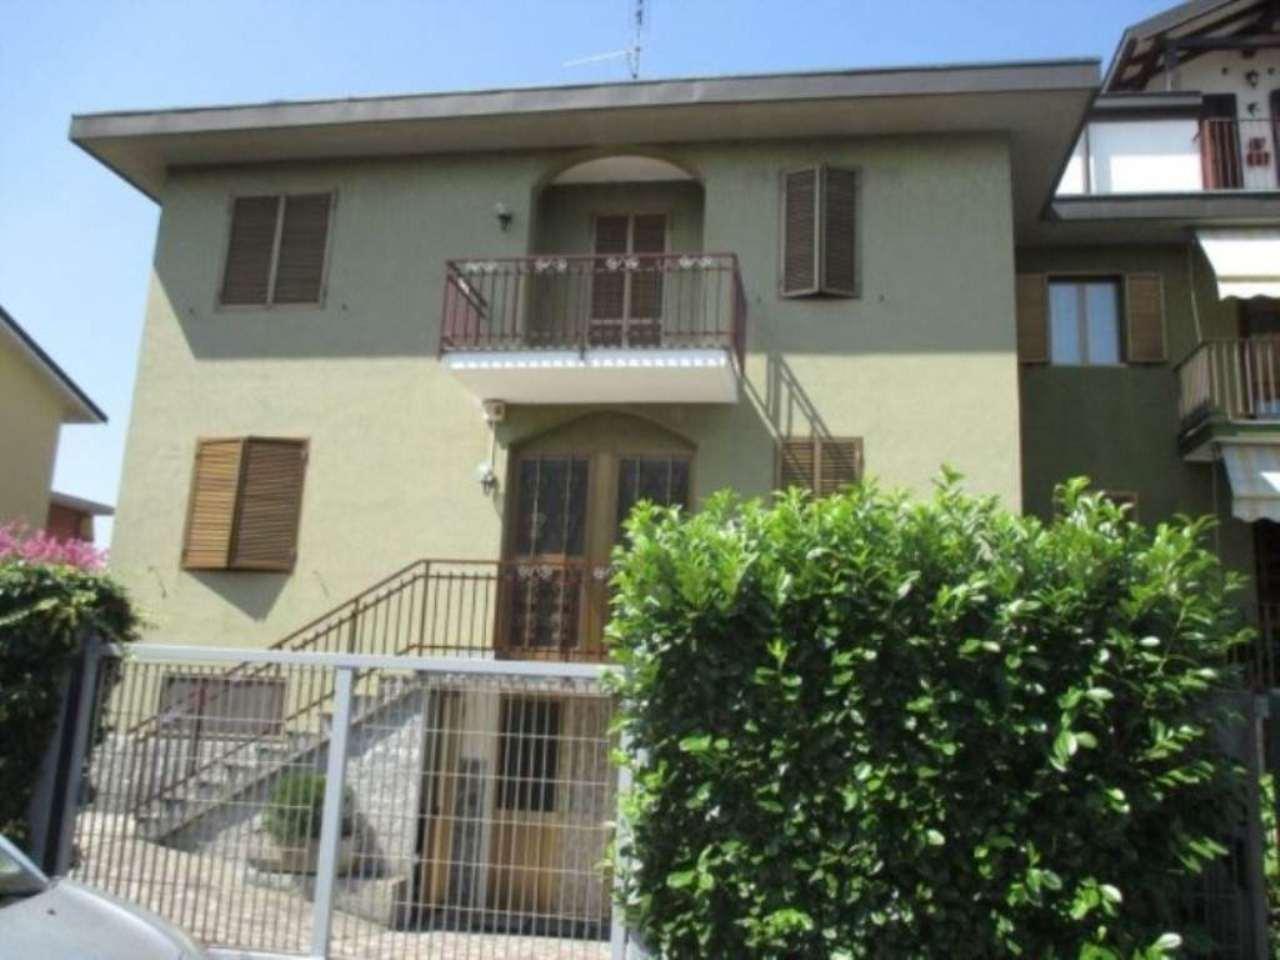 Villa in vendita a Settimo Milanese, 6 locali, prezzo € 415.000 | CambioCasa.it